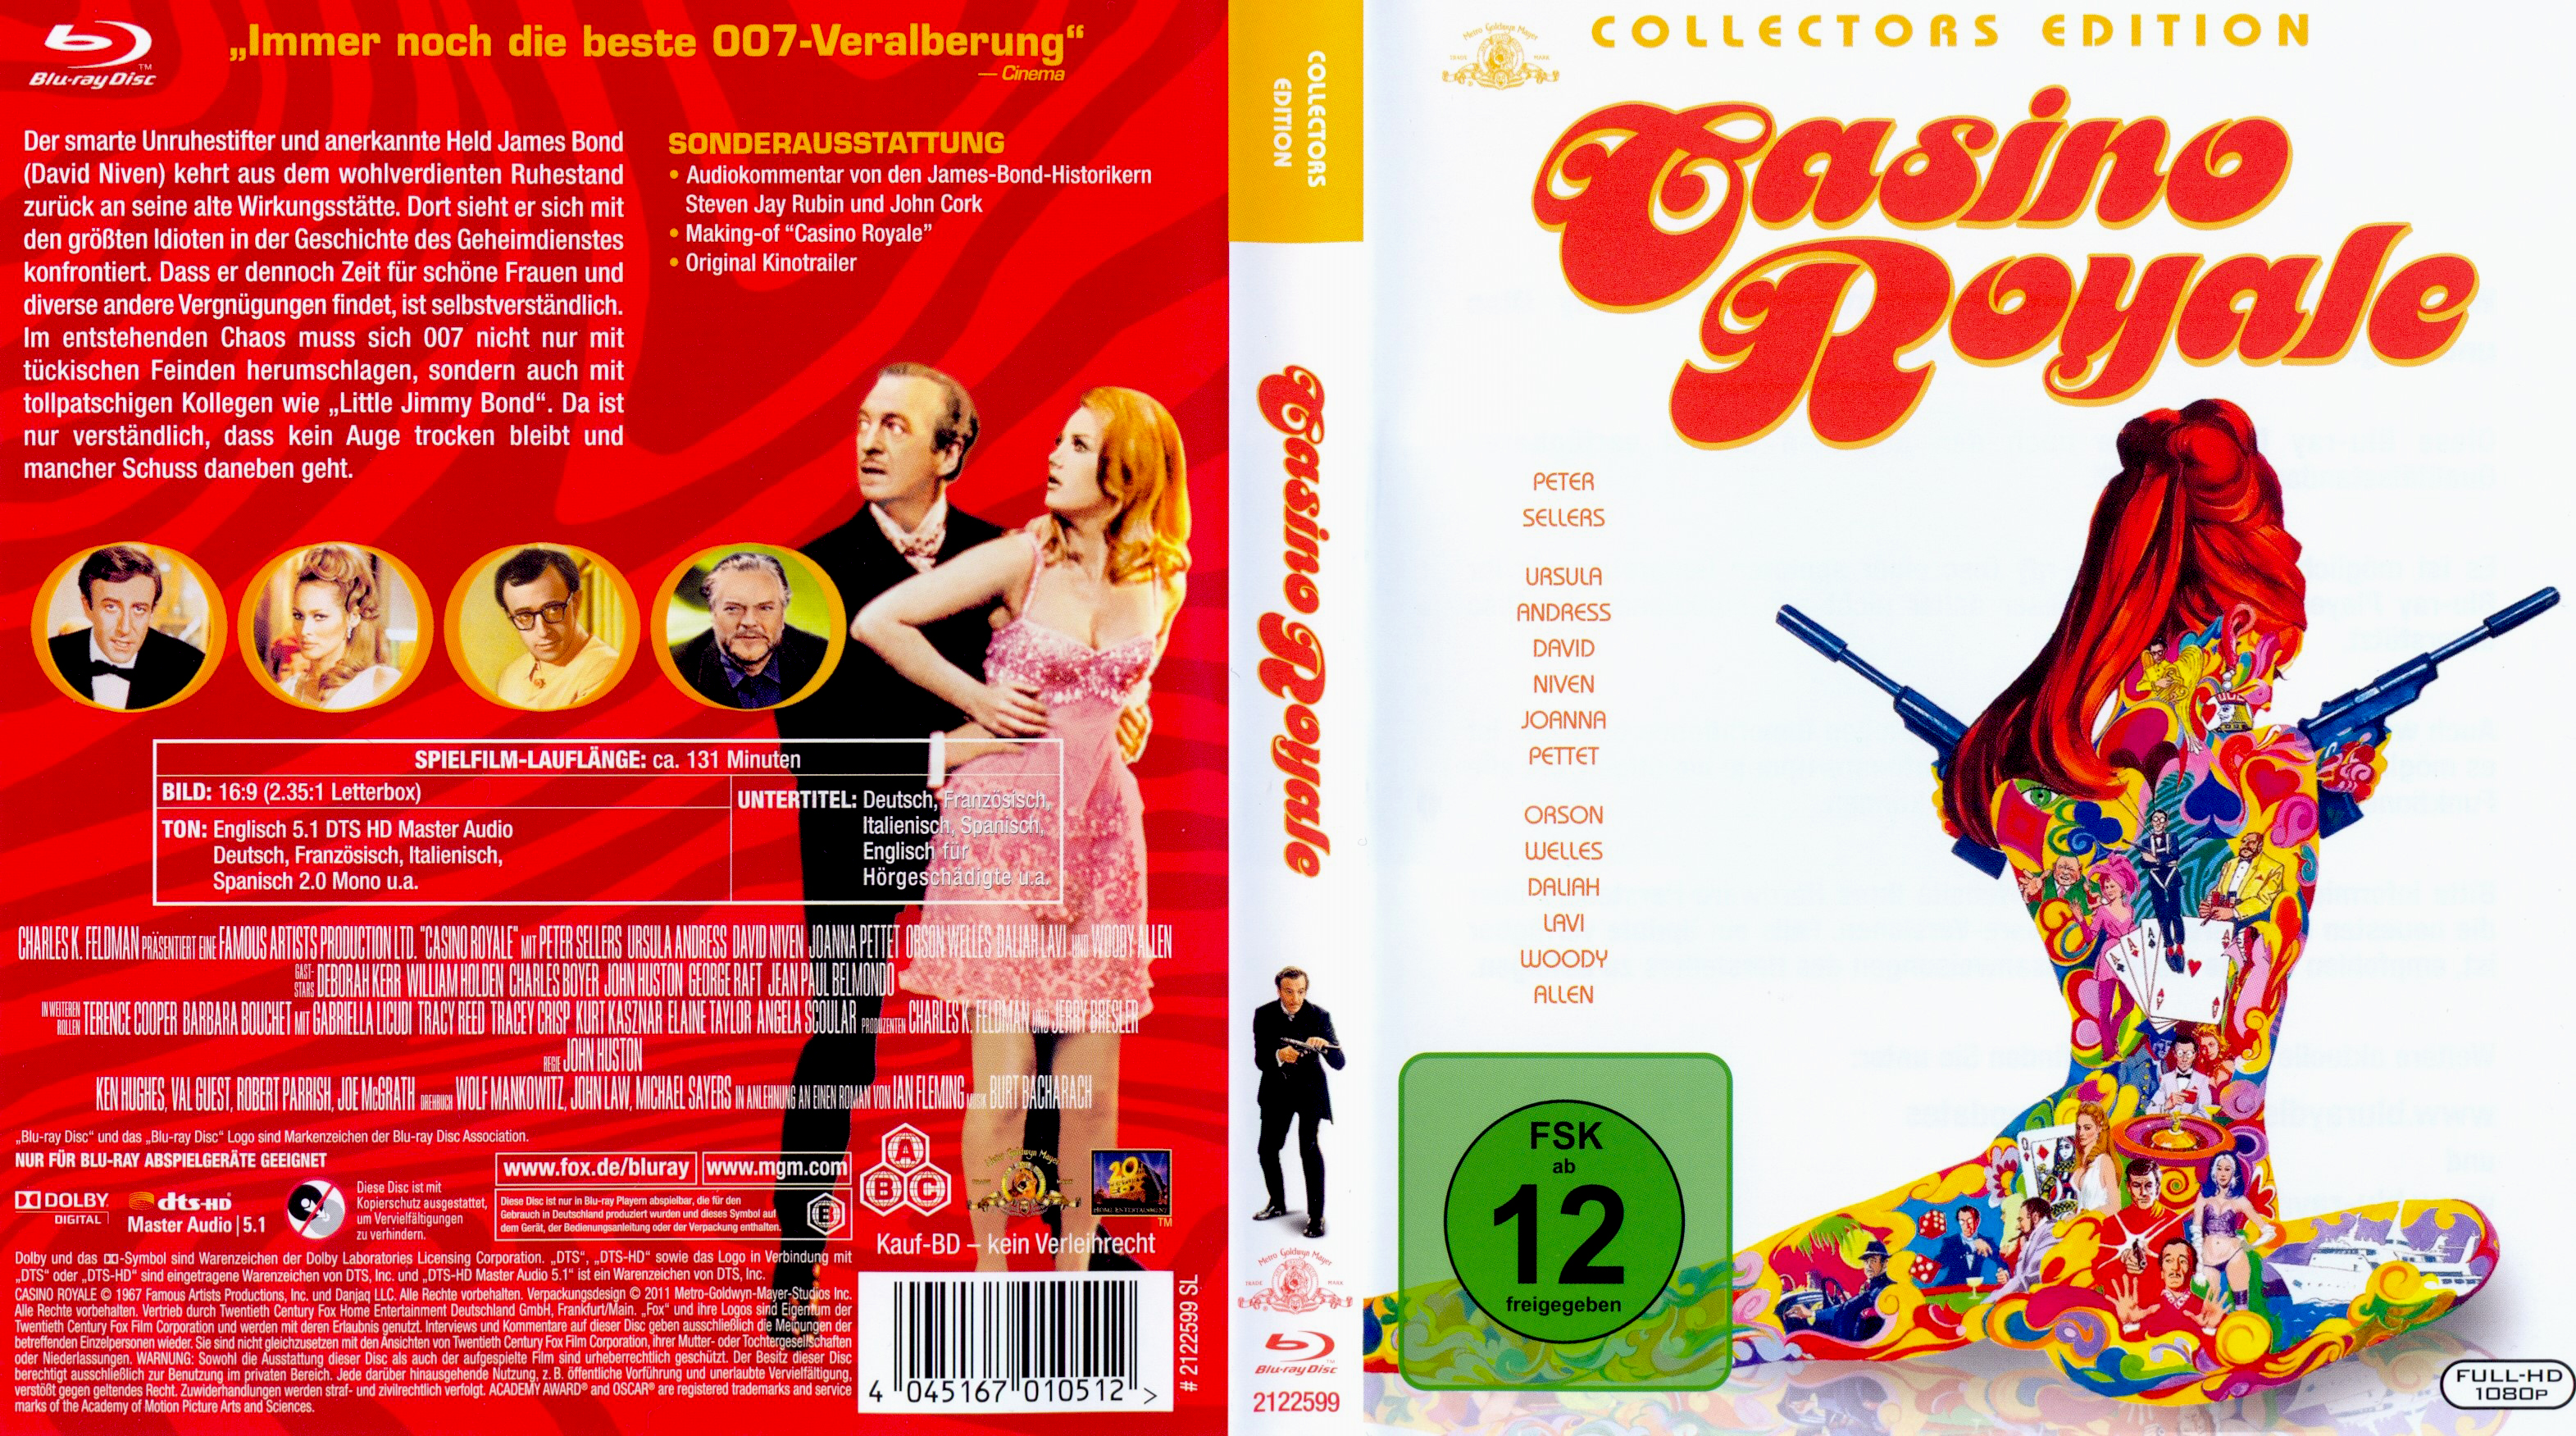 007 casino royale 1967 soundtrack download grande casino boluxi